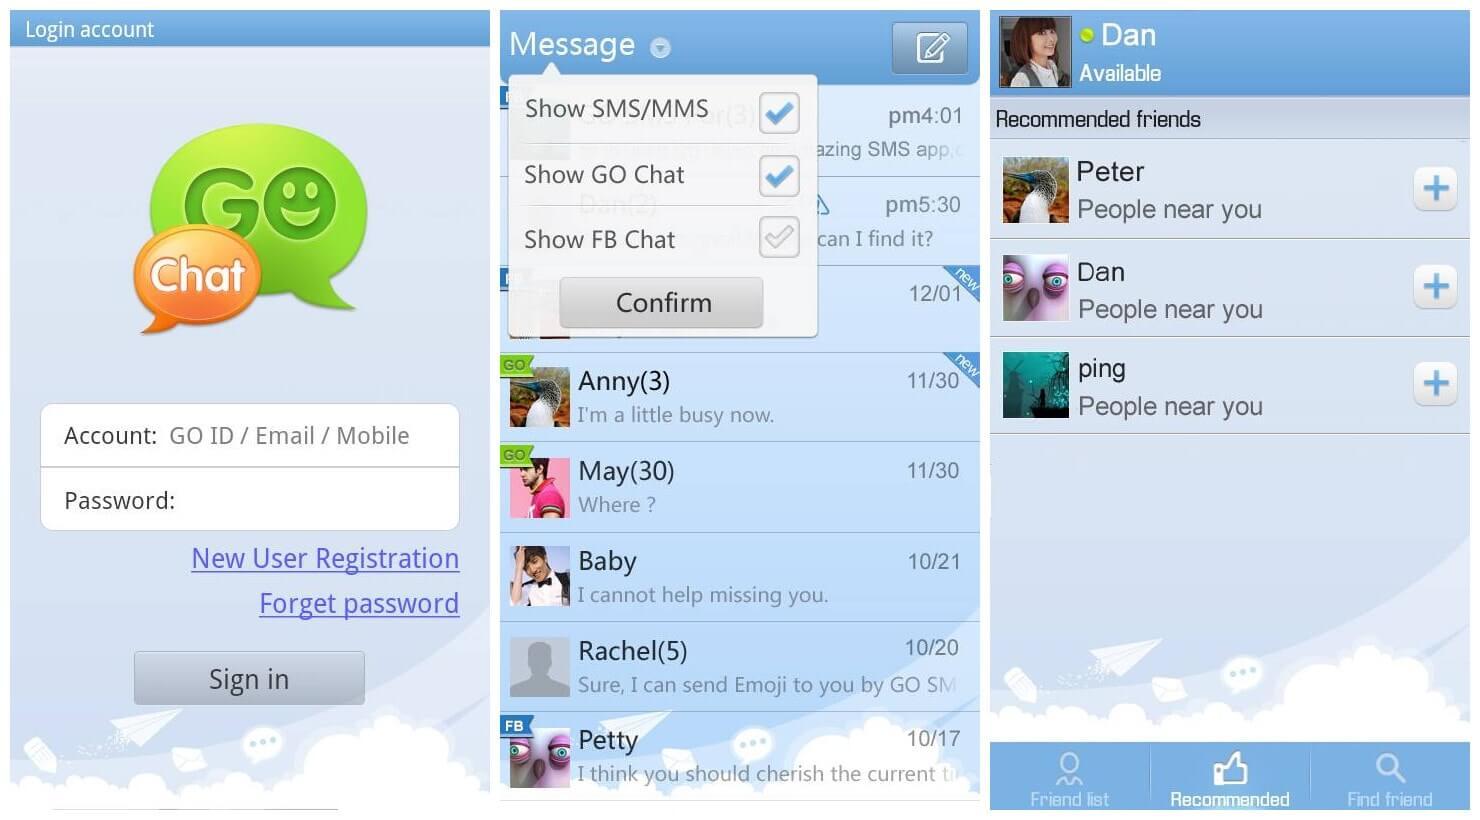 Suosituimmat piilotetut viestit Android-sovellukset - Salaiset SMS-sovellukset 2